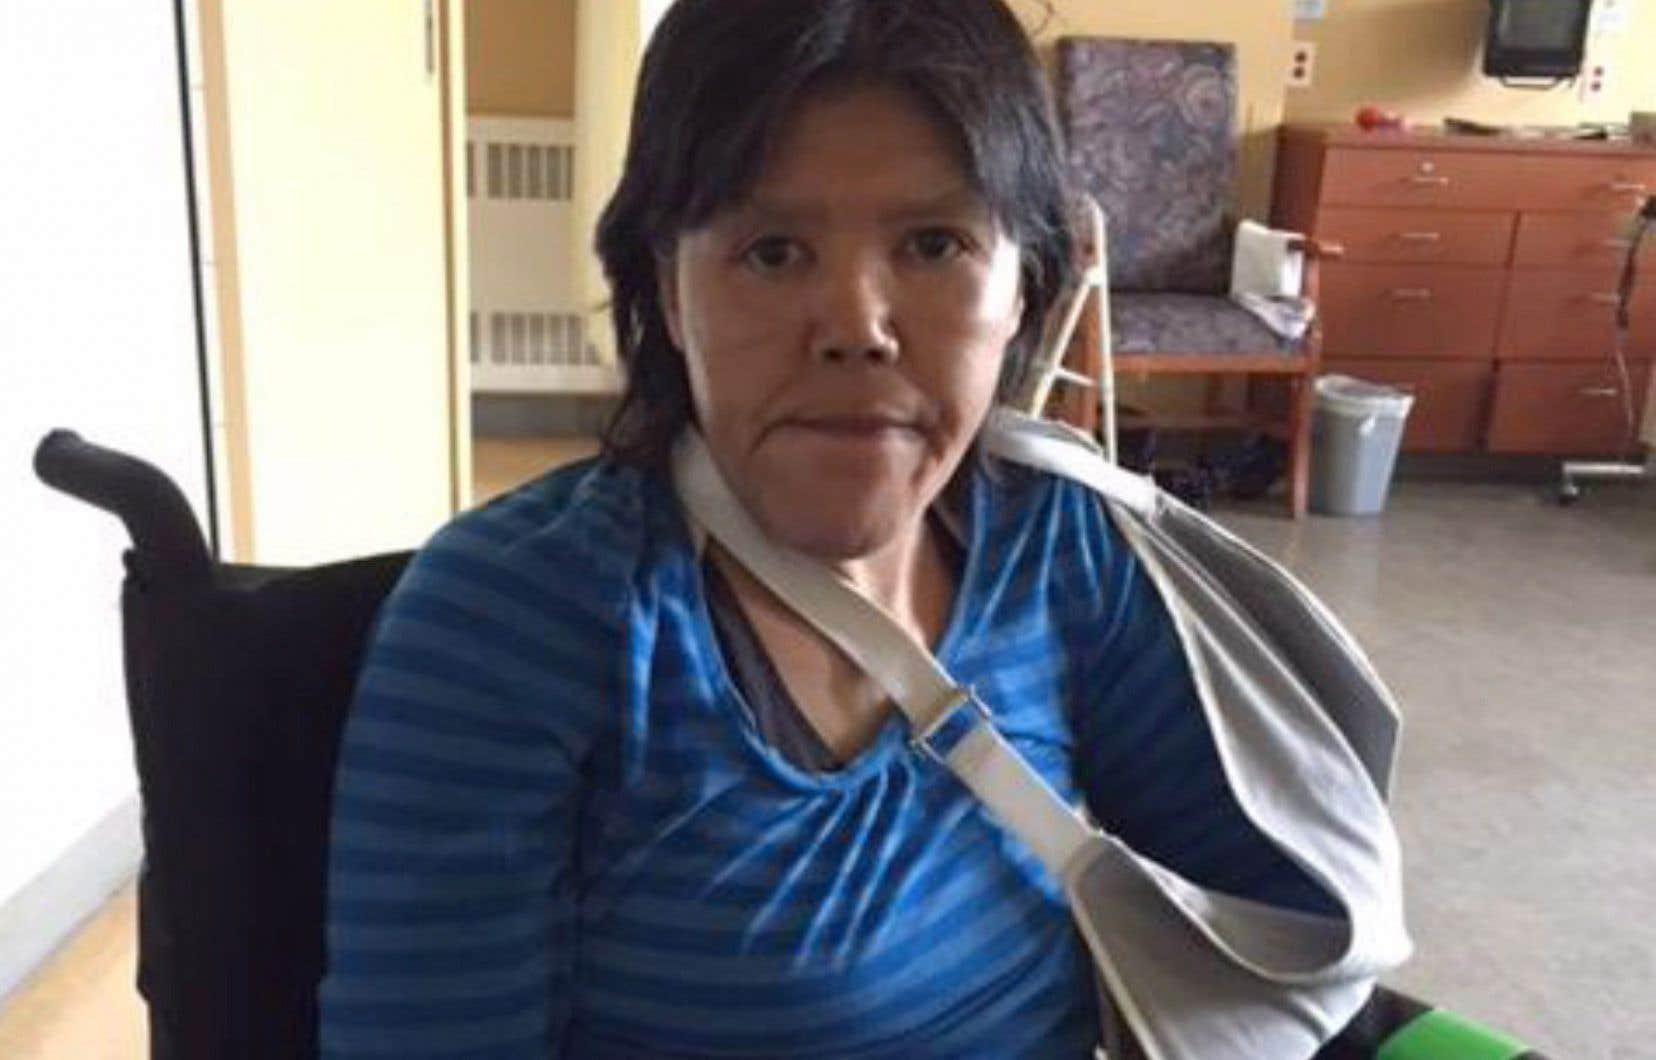 La police a remis un billet d'autobus à Mina Iquasiak Aculiak, 48ans, lorsqu'elle a été relâchée, au lieu de la ramener à l'hôpital, même si elle avait un cathéter dans le bras, a rapporté «La Presse».